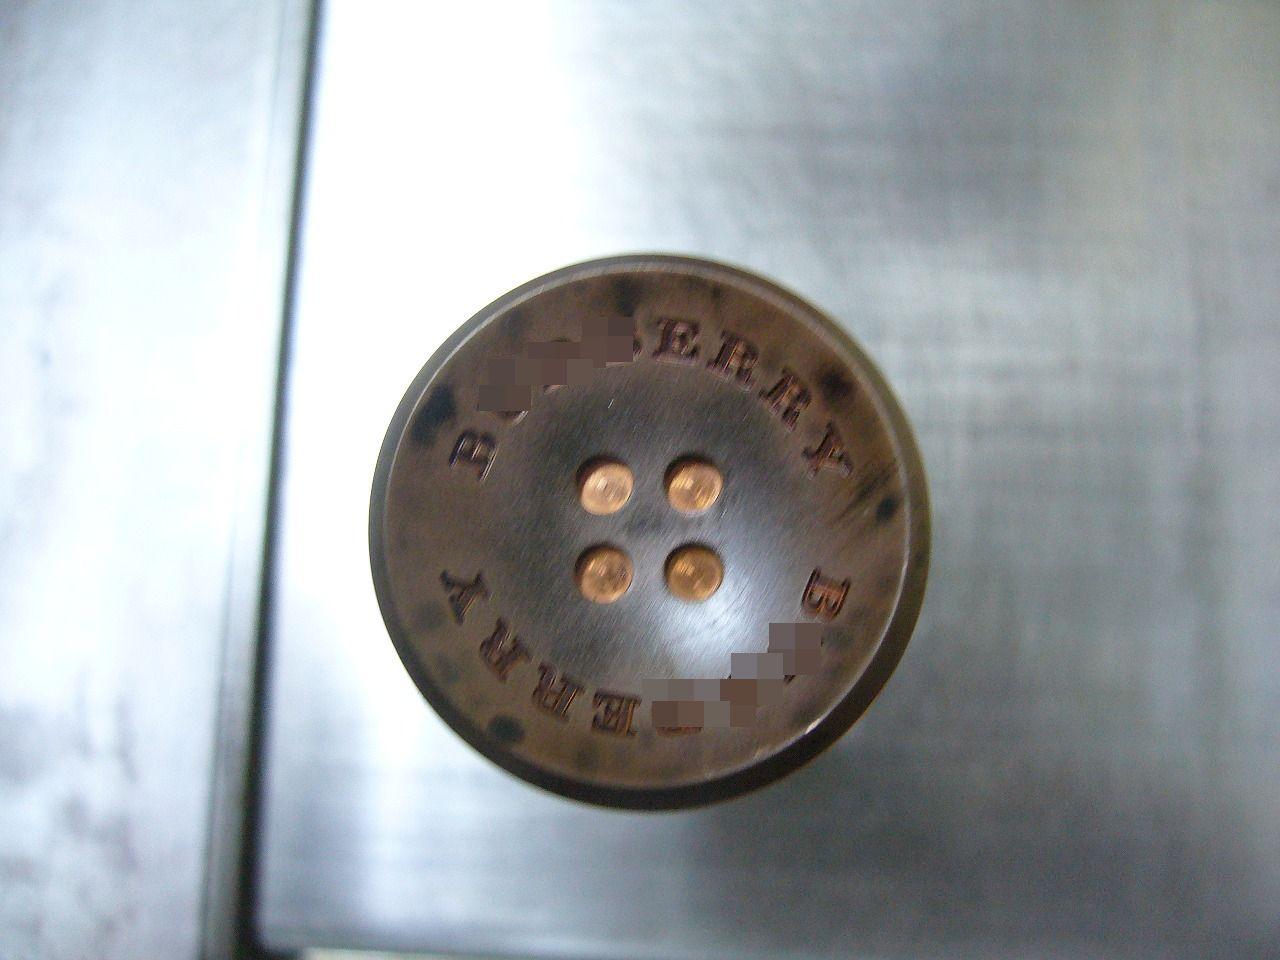 ボタン製作金型用 彫刻、電極画像